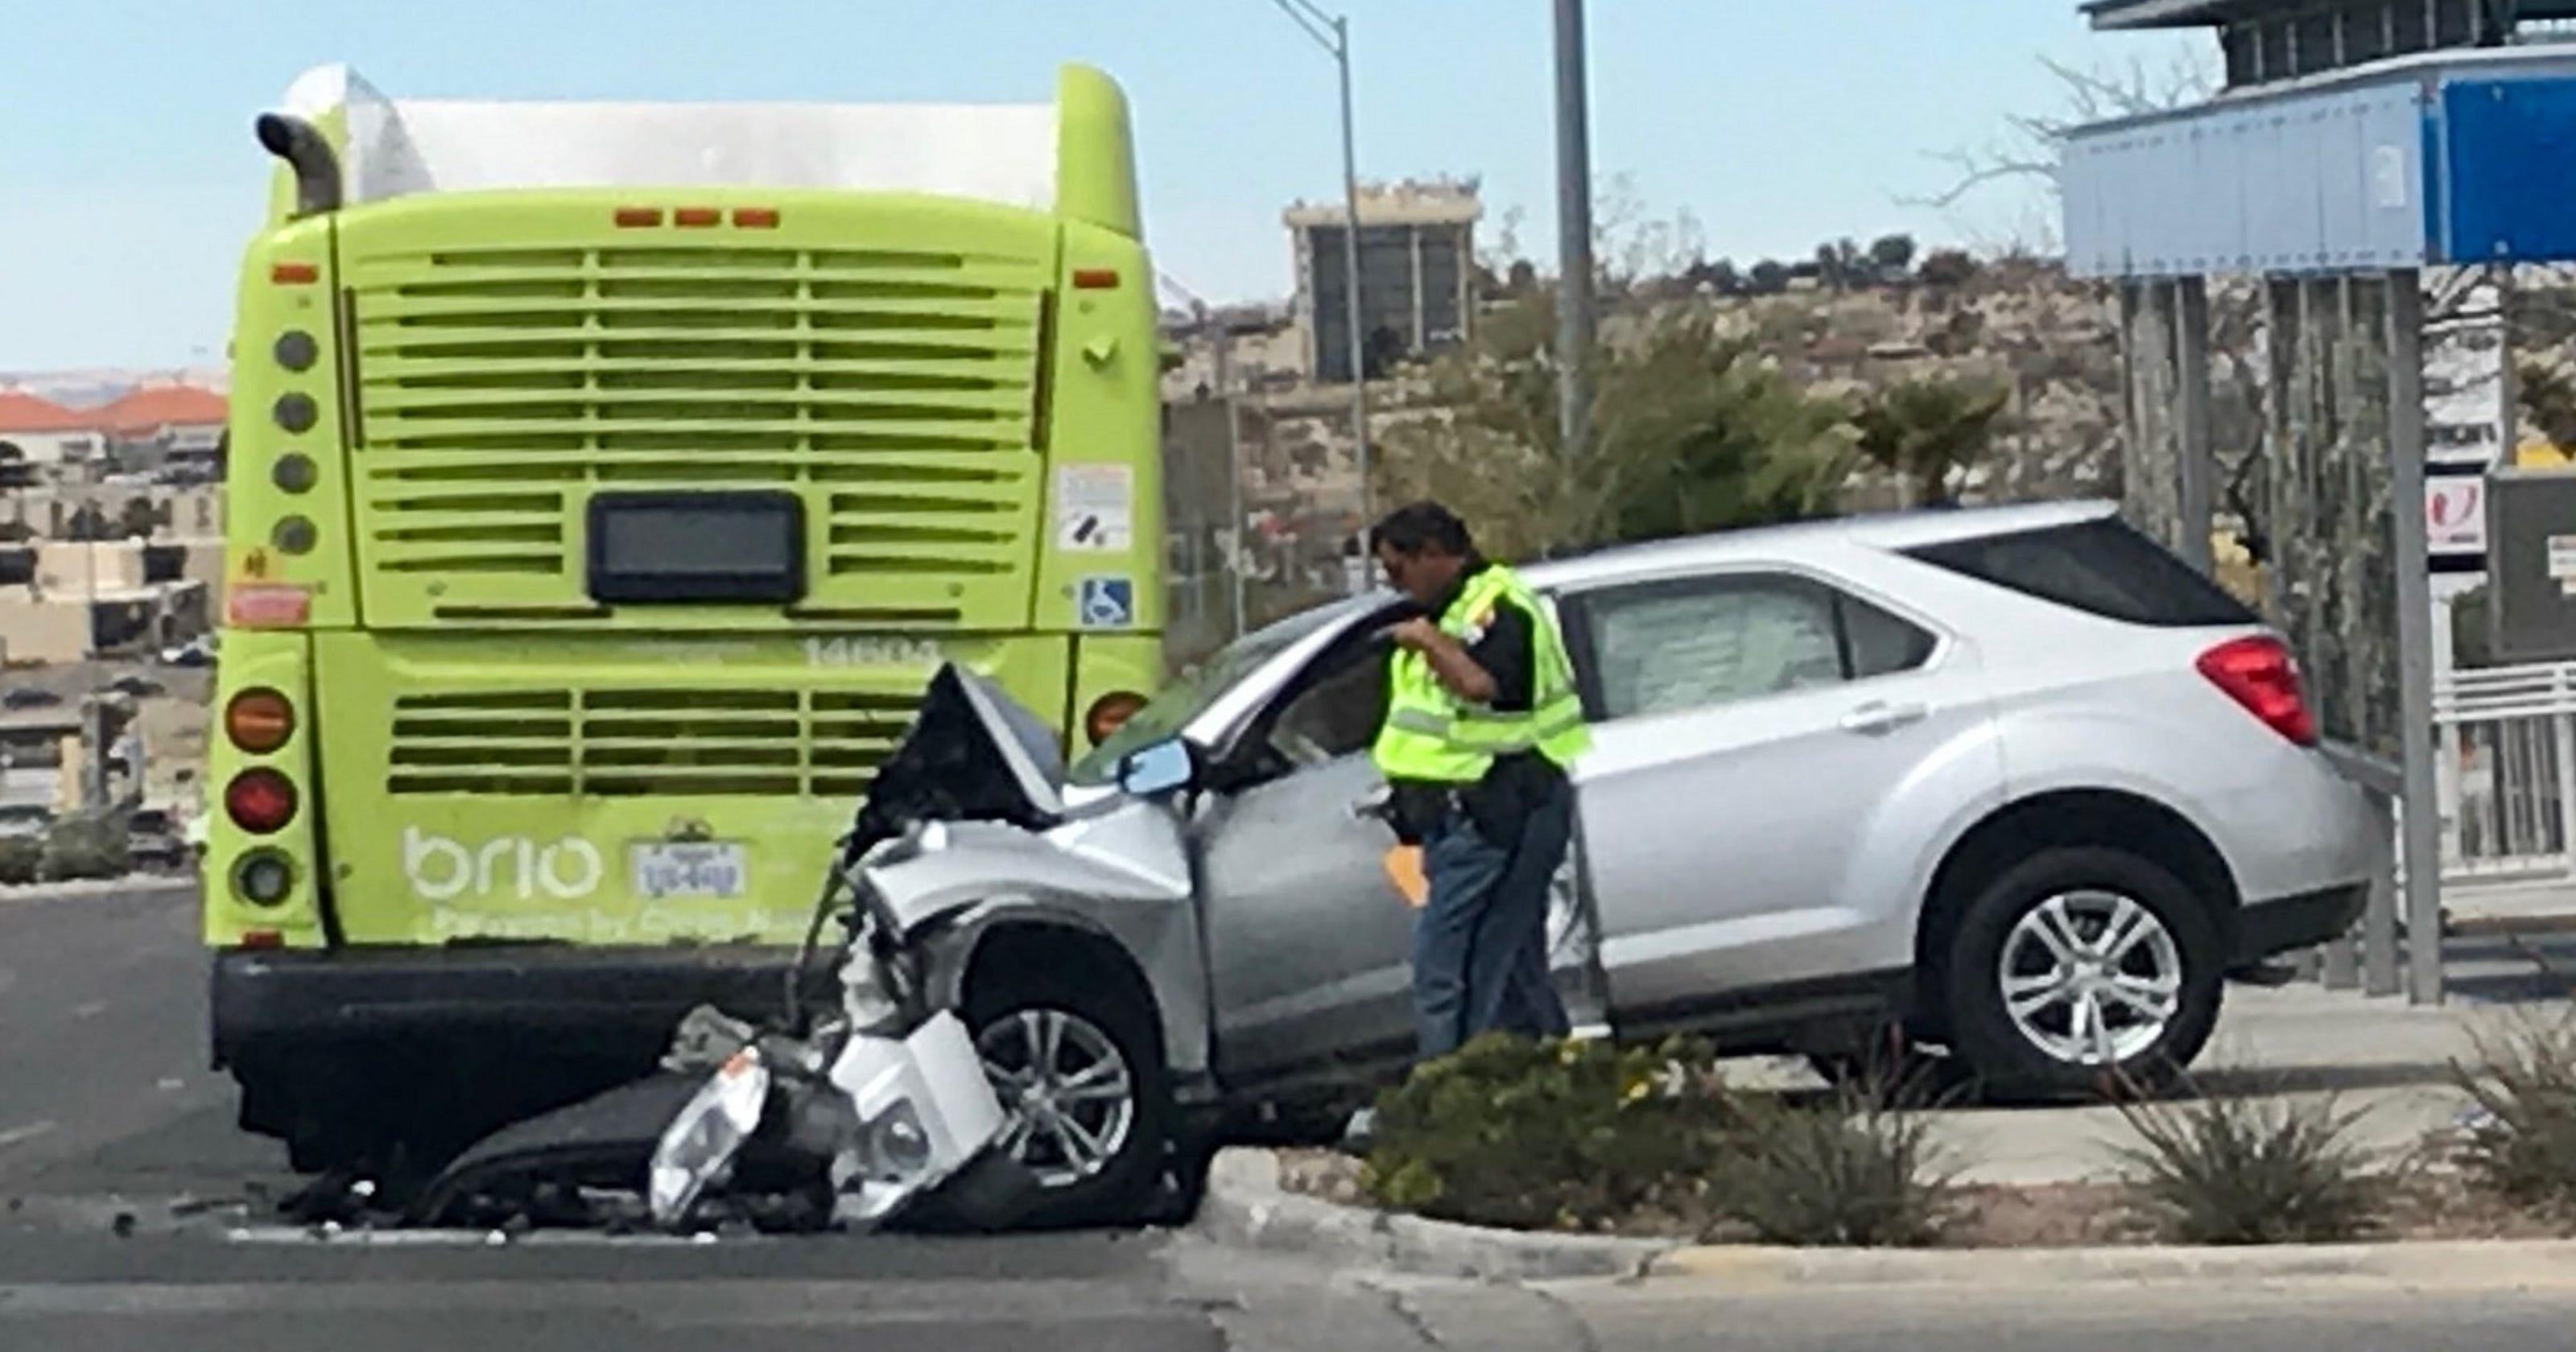 Crash involving Sun Metro Brio bus, SUV at Mesa and Festival sends 3 to hospital. Aaron Bracamontes, El Paso ...